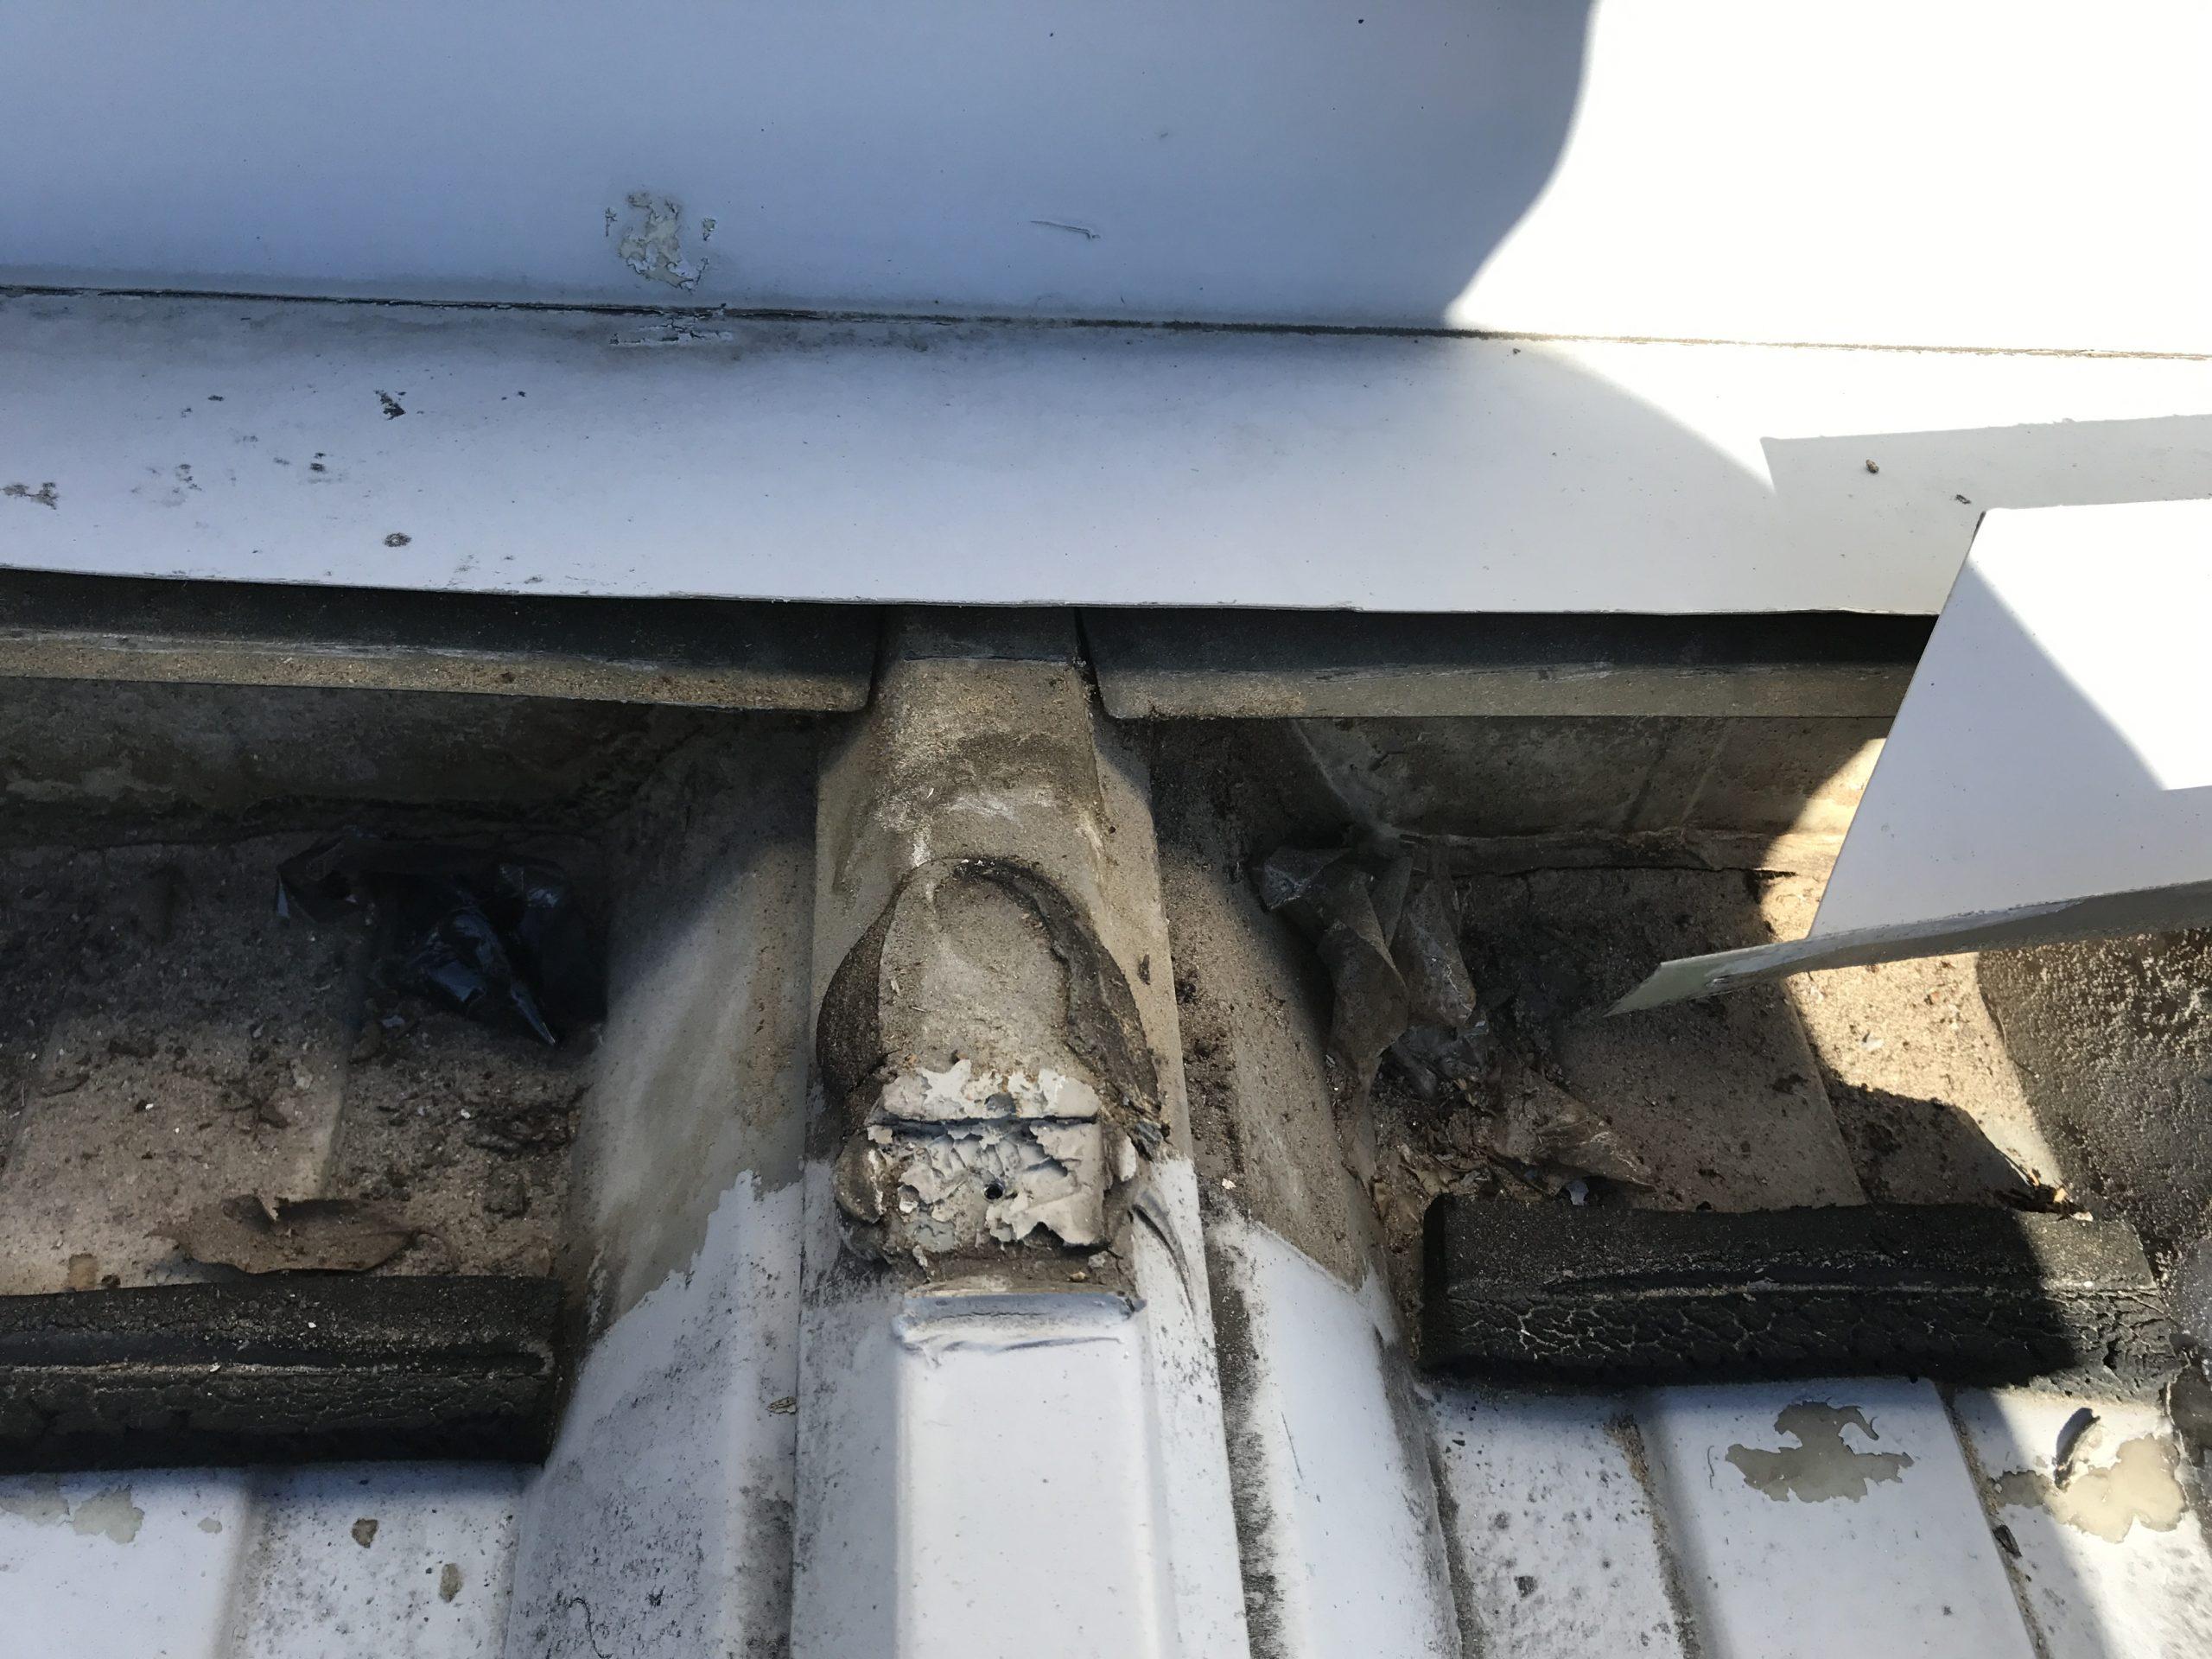 壁際面戸の様子 ゴミの蓄積